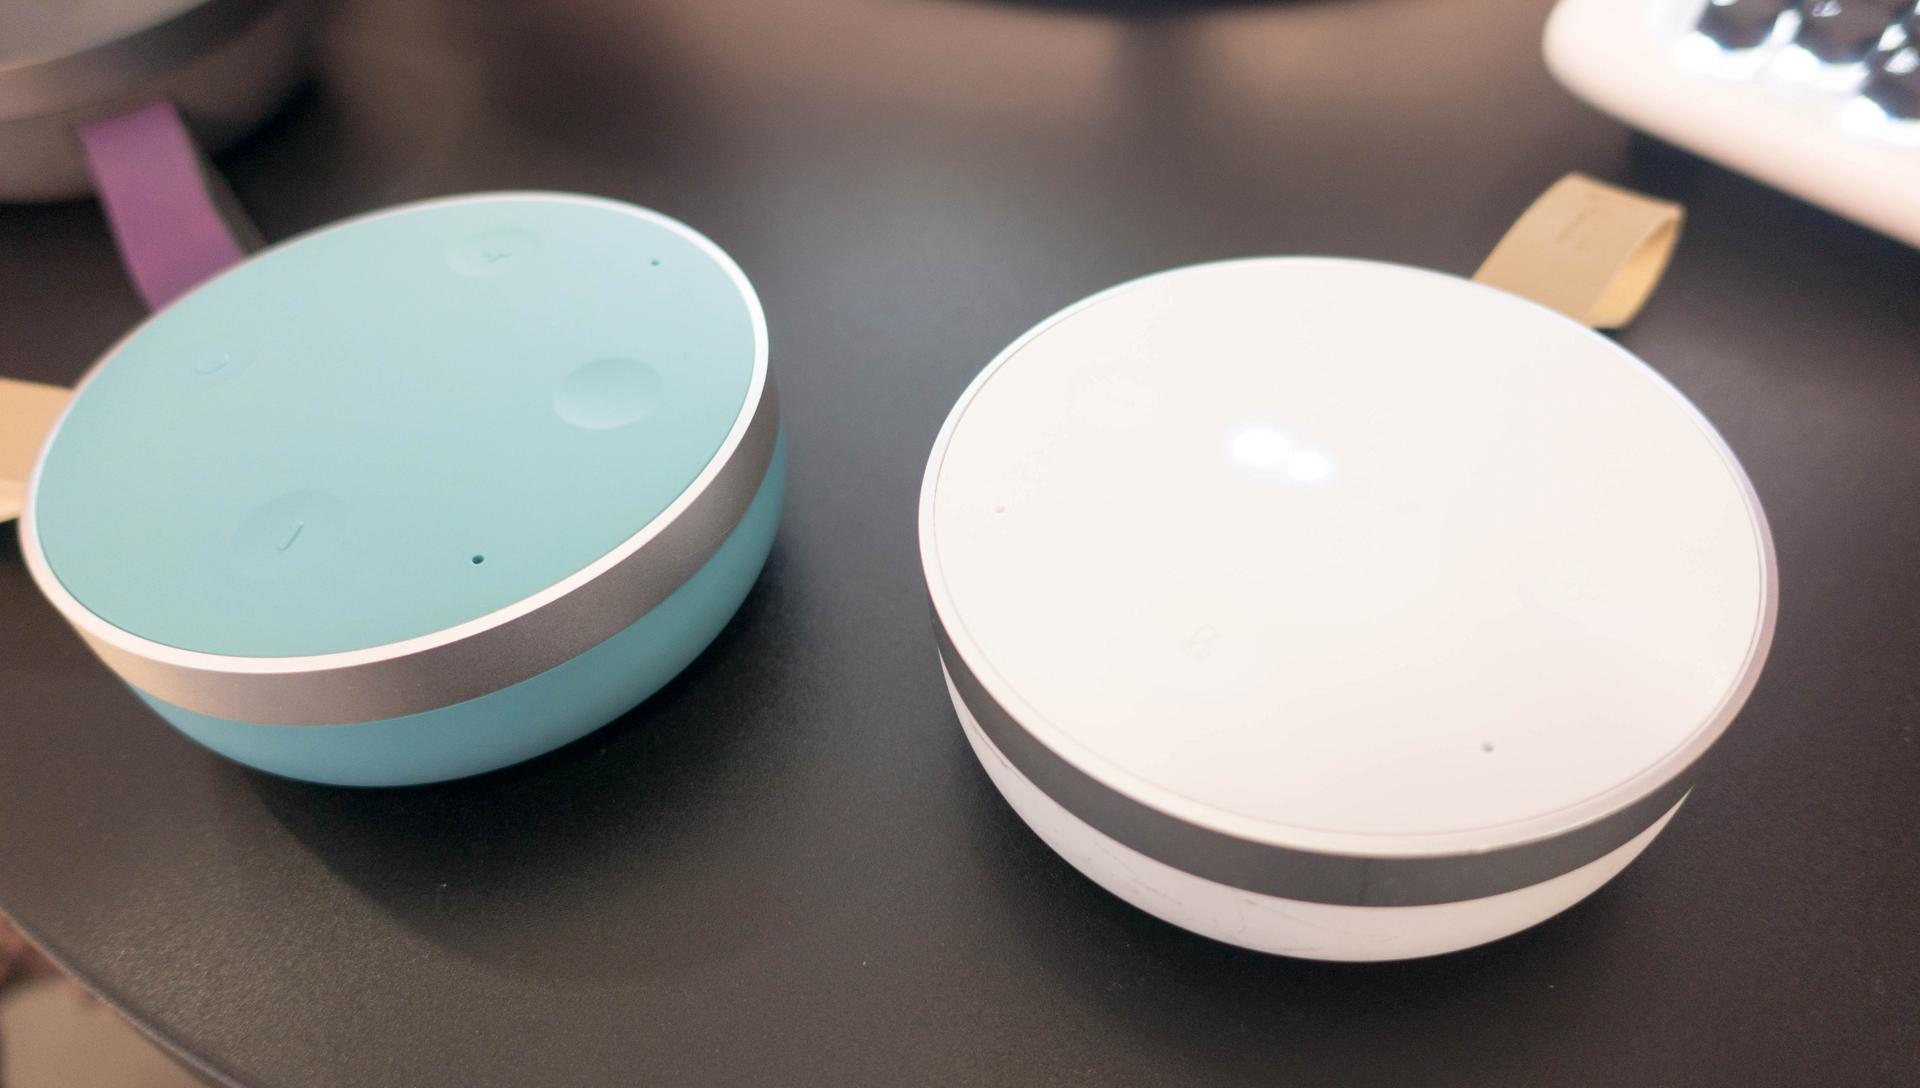 Alexa und Google Assistant: Der Wettkampf smarter Lautsprecher verändert sich - Tichome Mini (Bild: Ingo Pakalski/Golem.de)